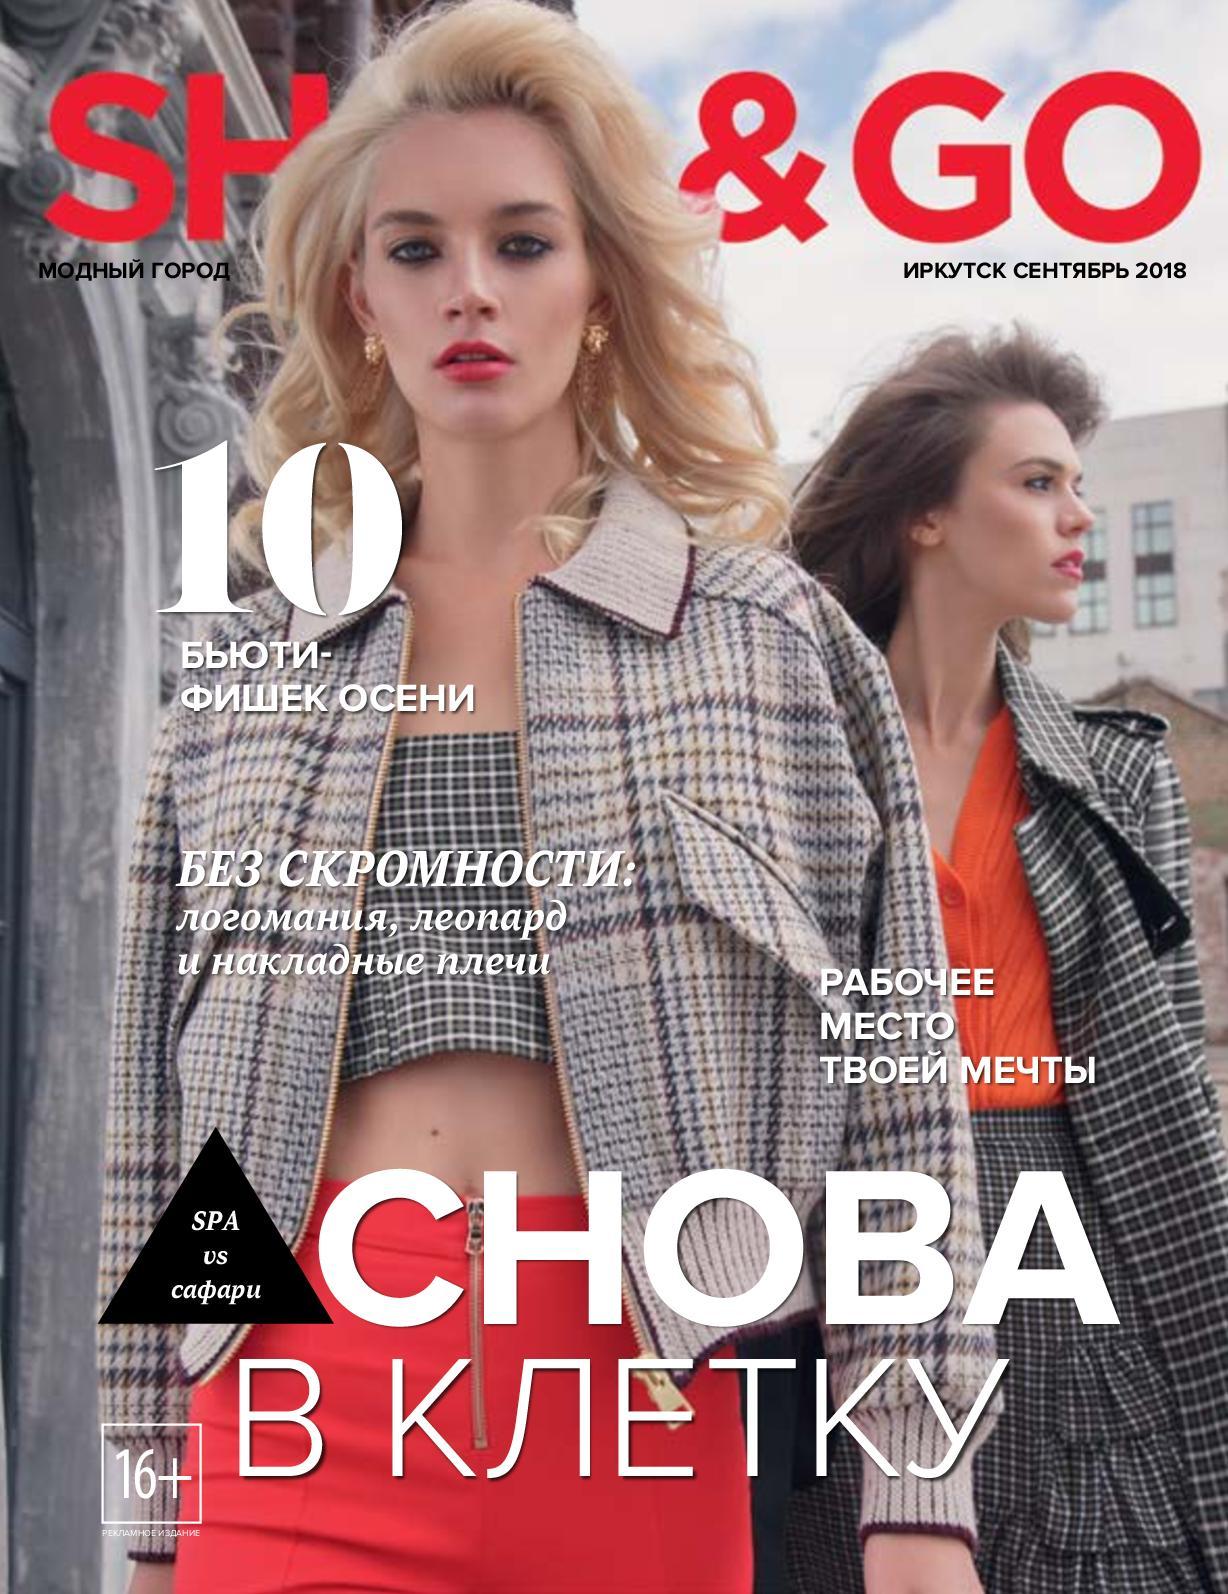 5d31175589ff Calaméo - SHOP&GO Иркутск Сентябрь 2018